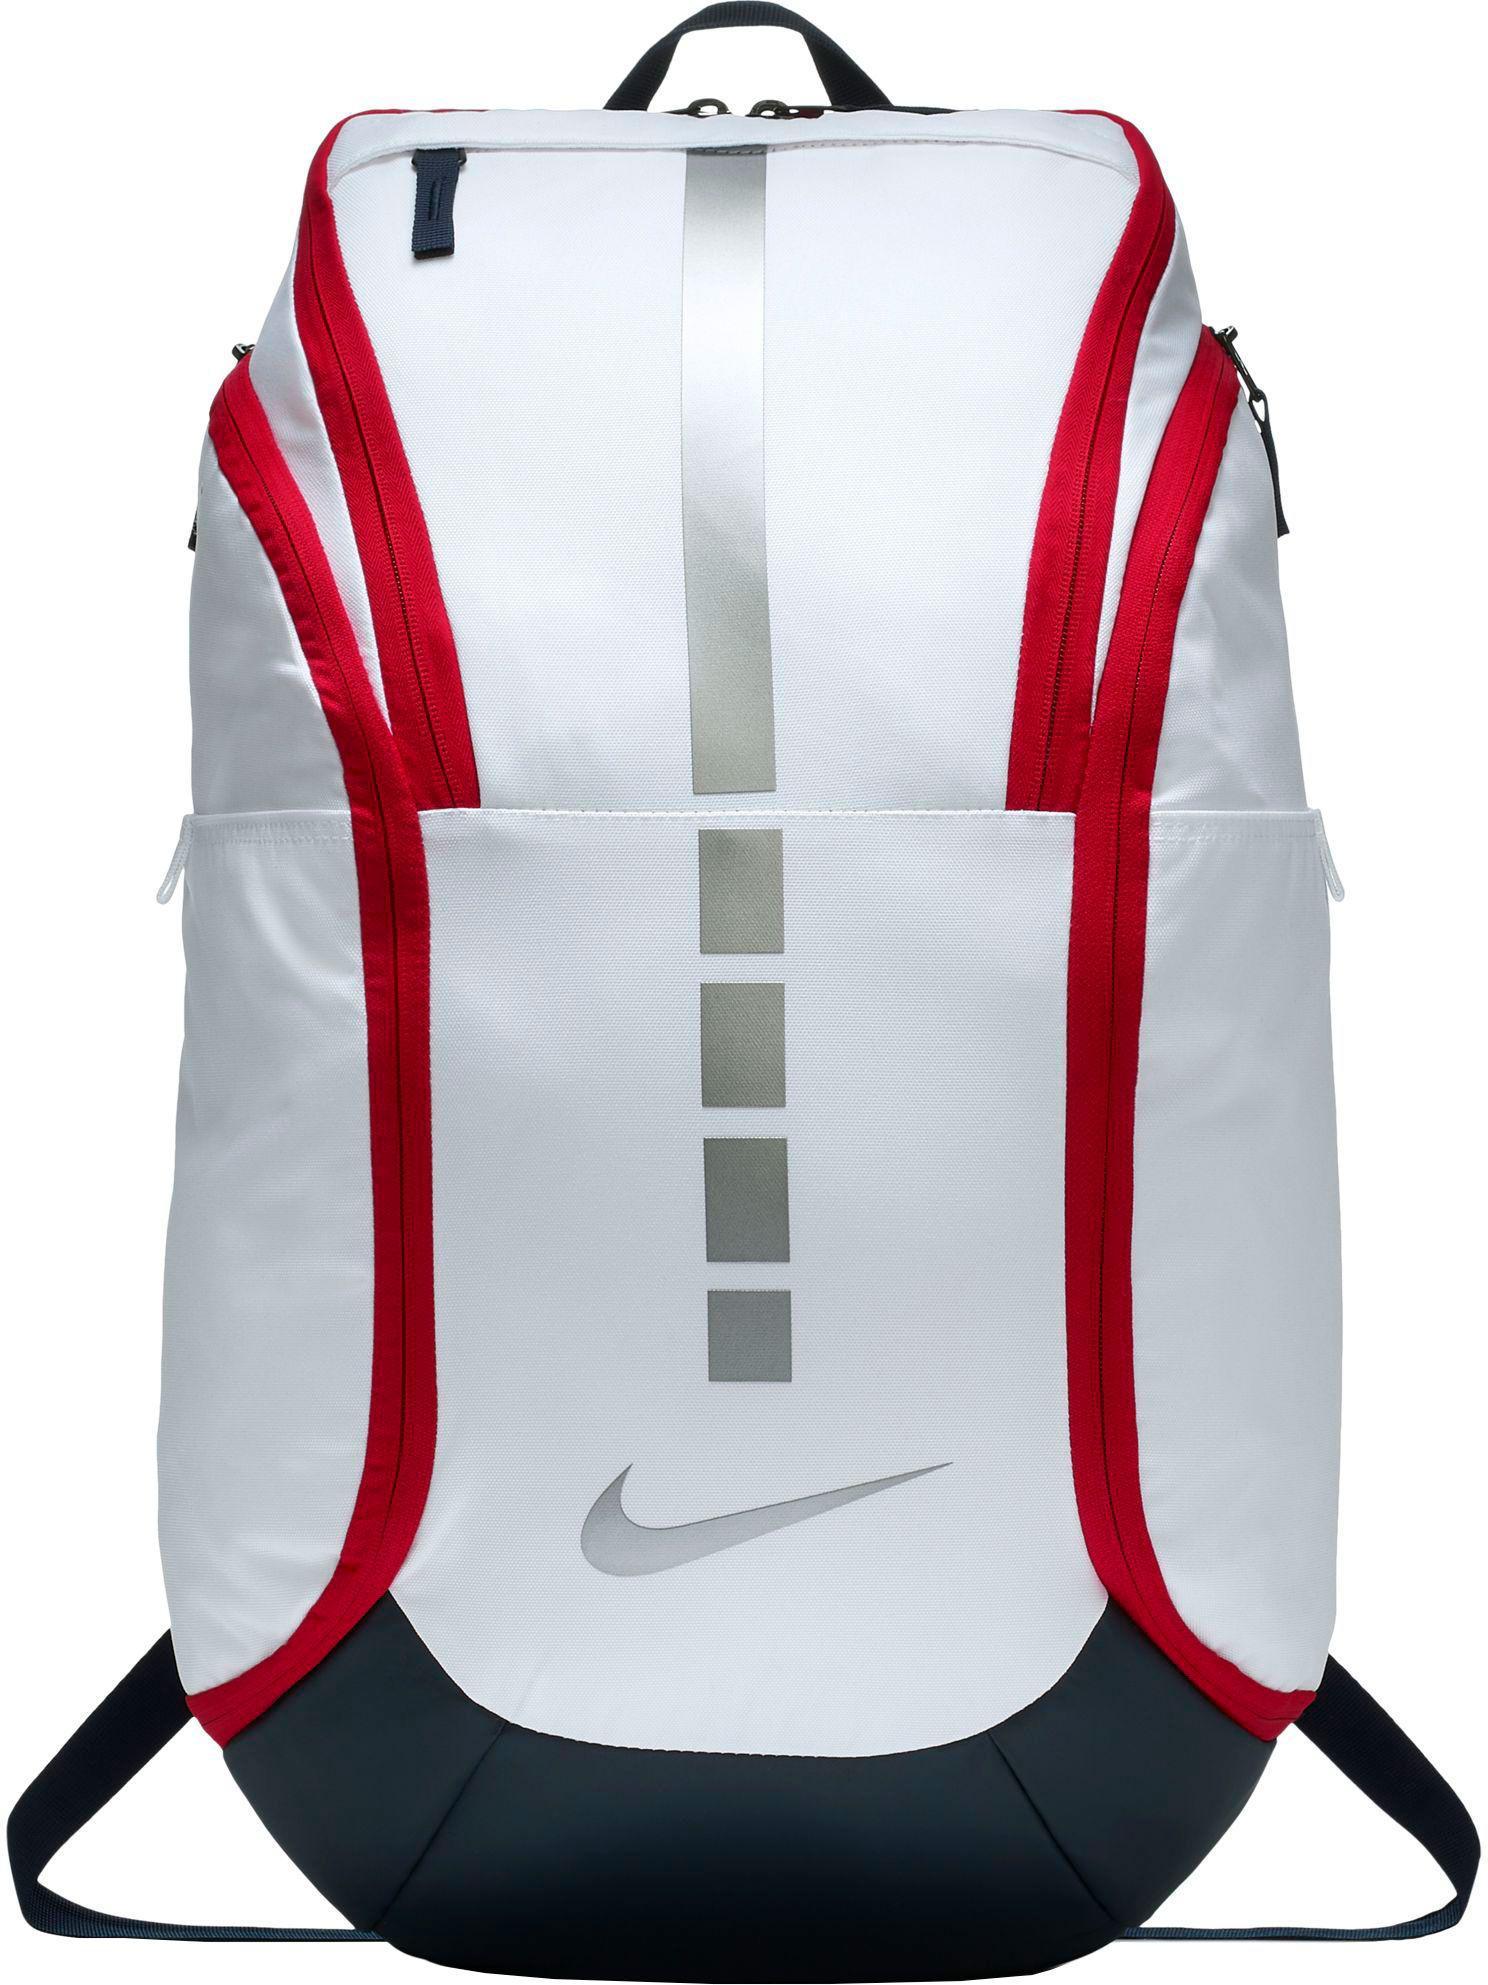 409071c67 Nike Hoops Elite Pro Basketball Backpack in White for Men - Lyst